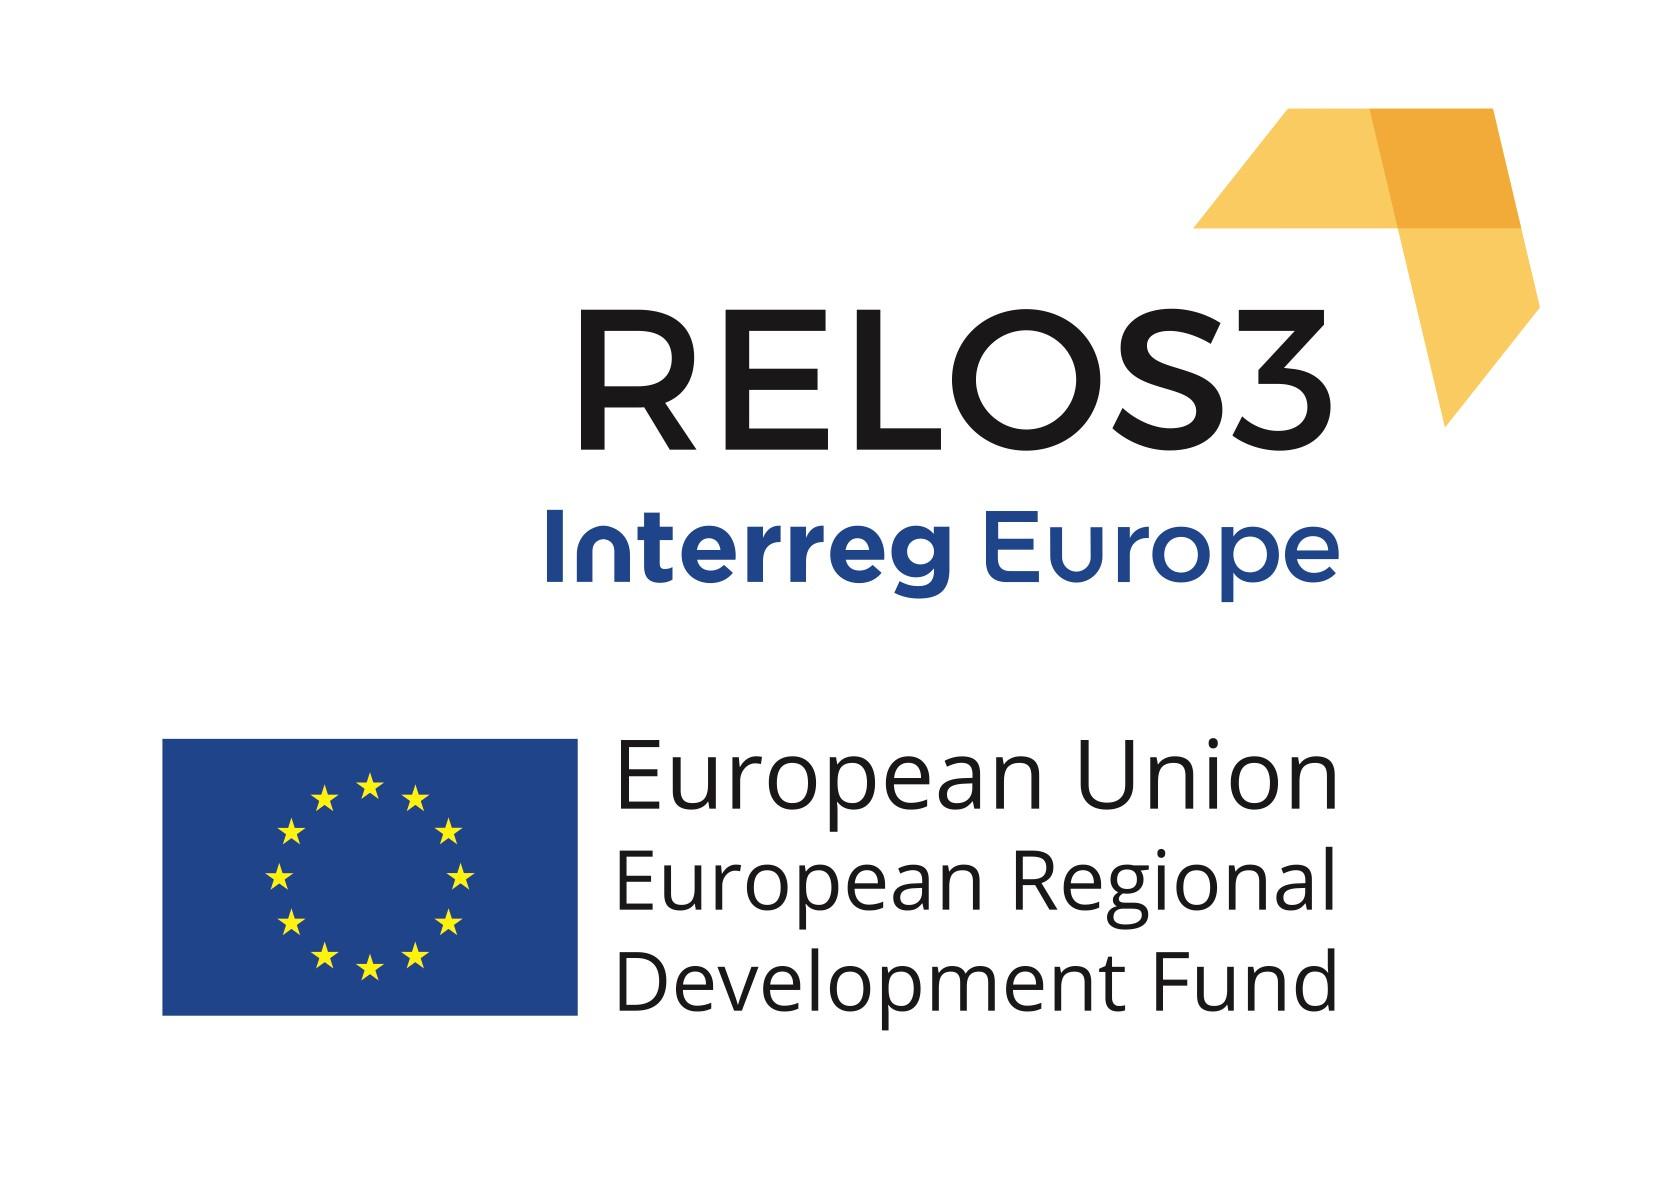 EL PROJECTE EUROPEU RELOS3